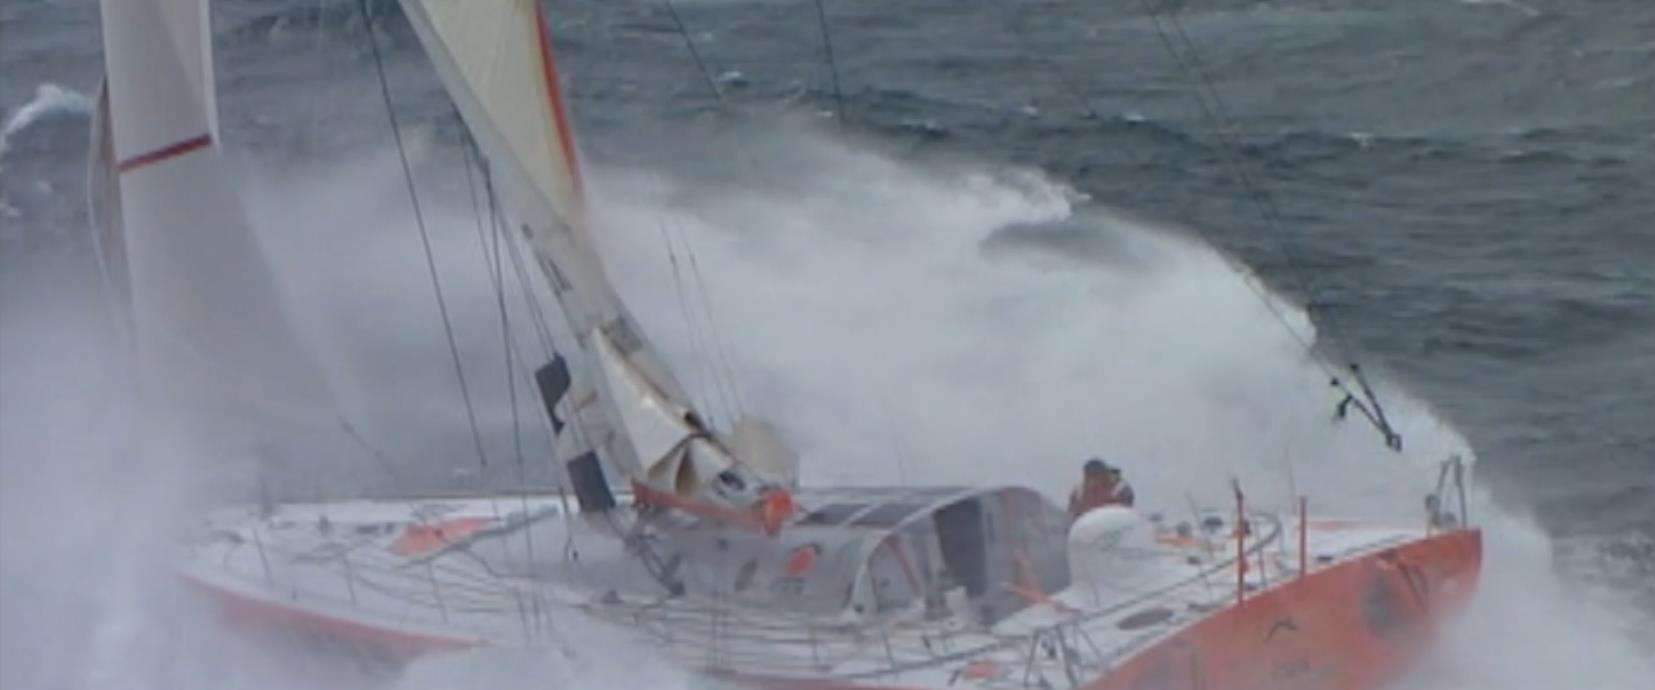 Eine Segelyacht der Vendee Globe Regatta in schwerer See